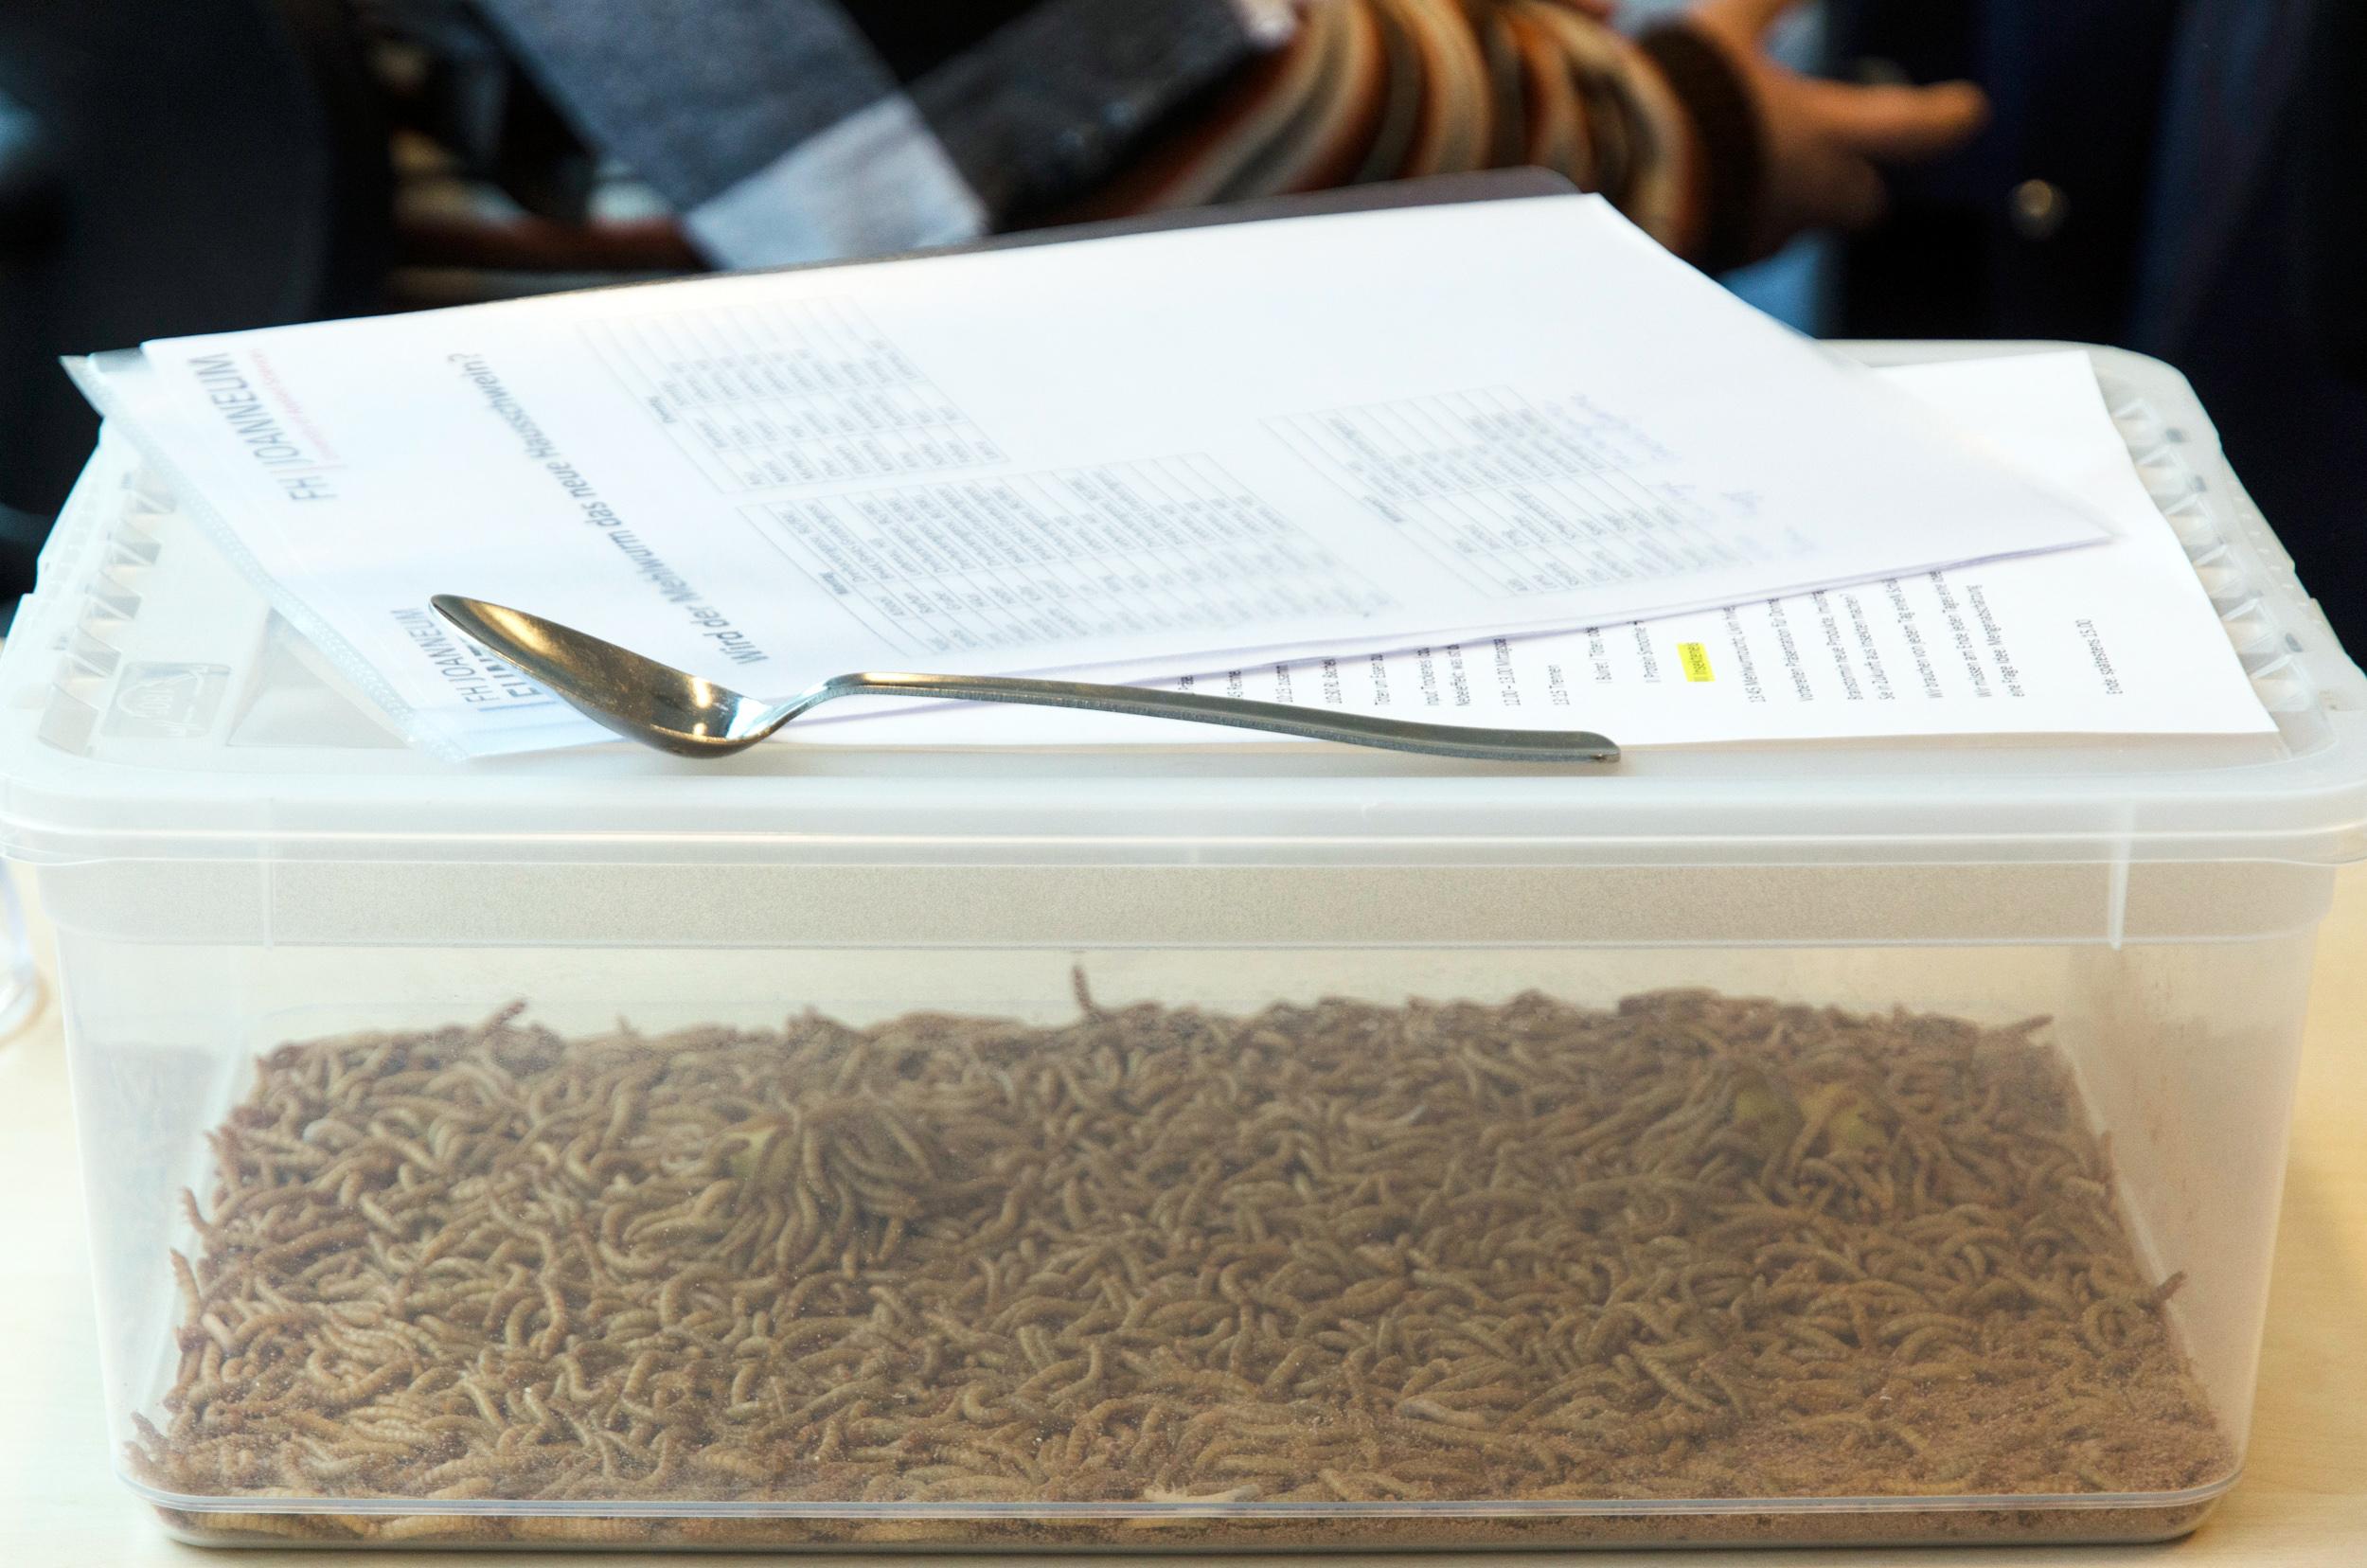 Mehlwürmer in einem Behälter